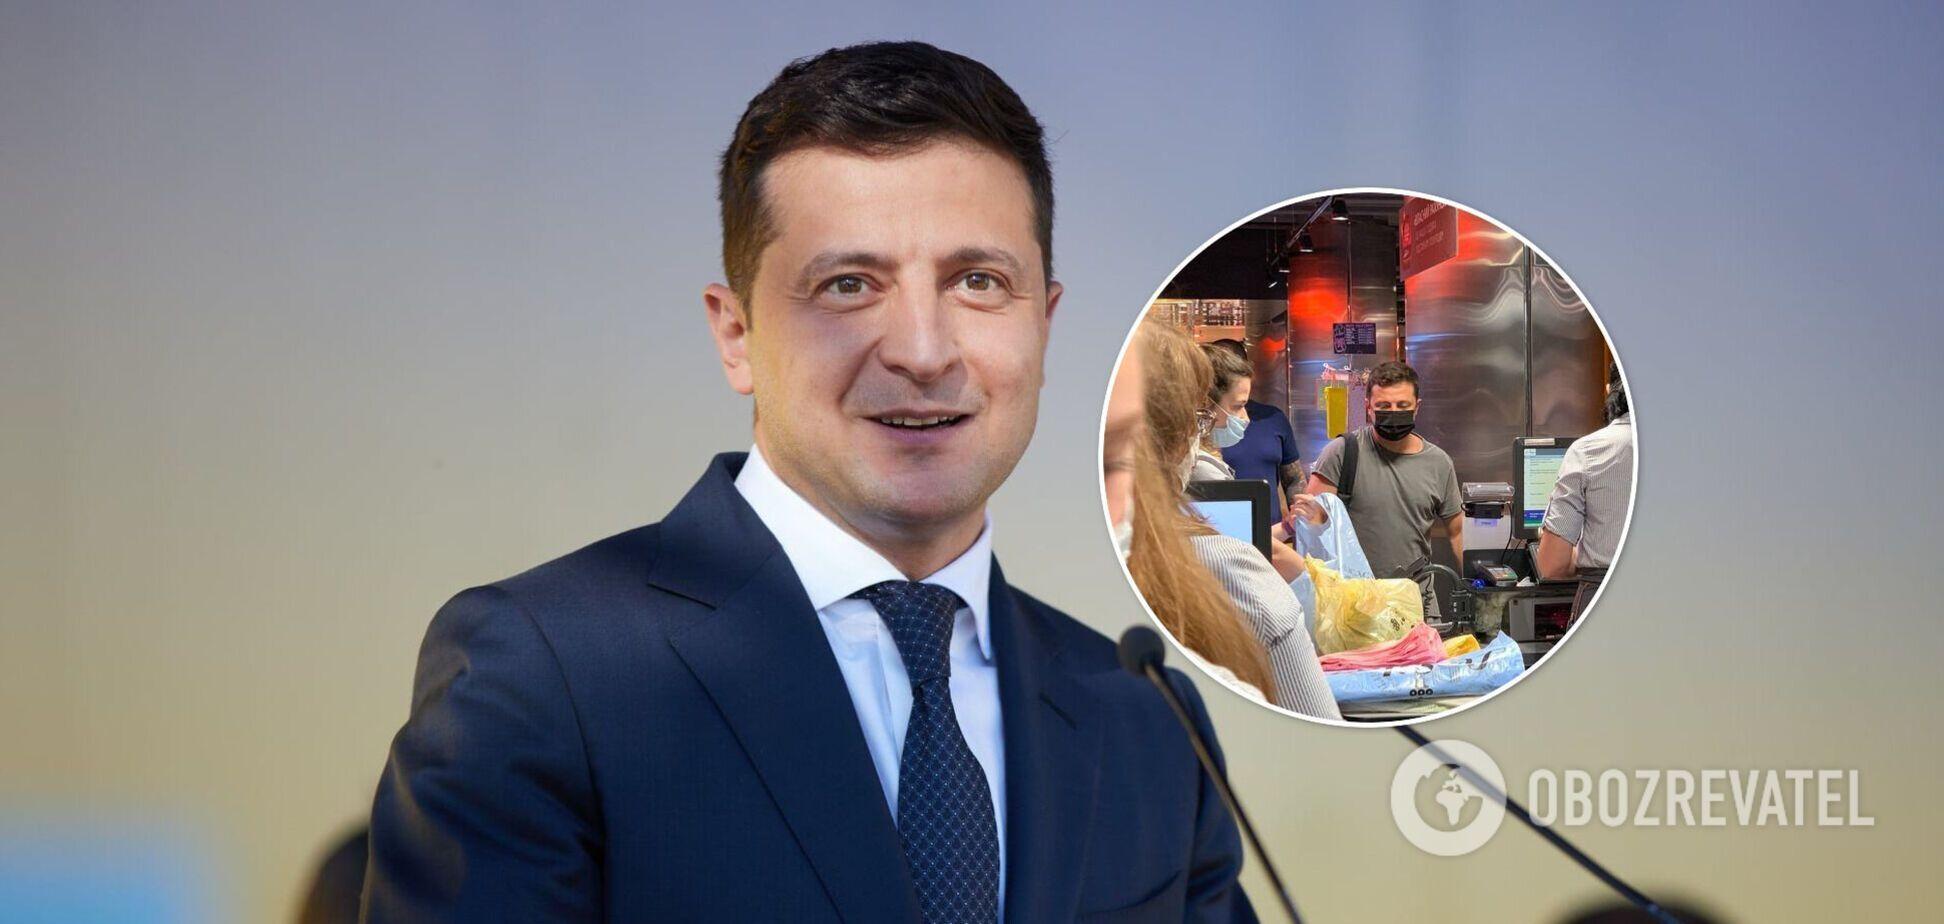 Зеленского снова заметили в одном из супермаркетов Киева. Фото